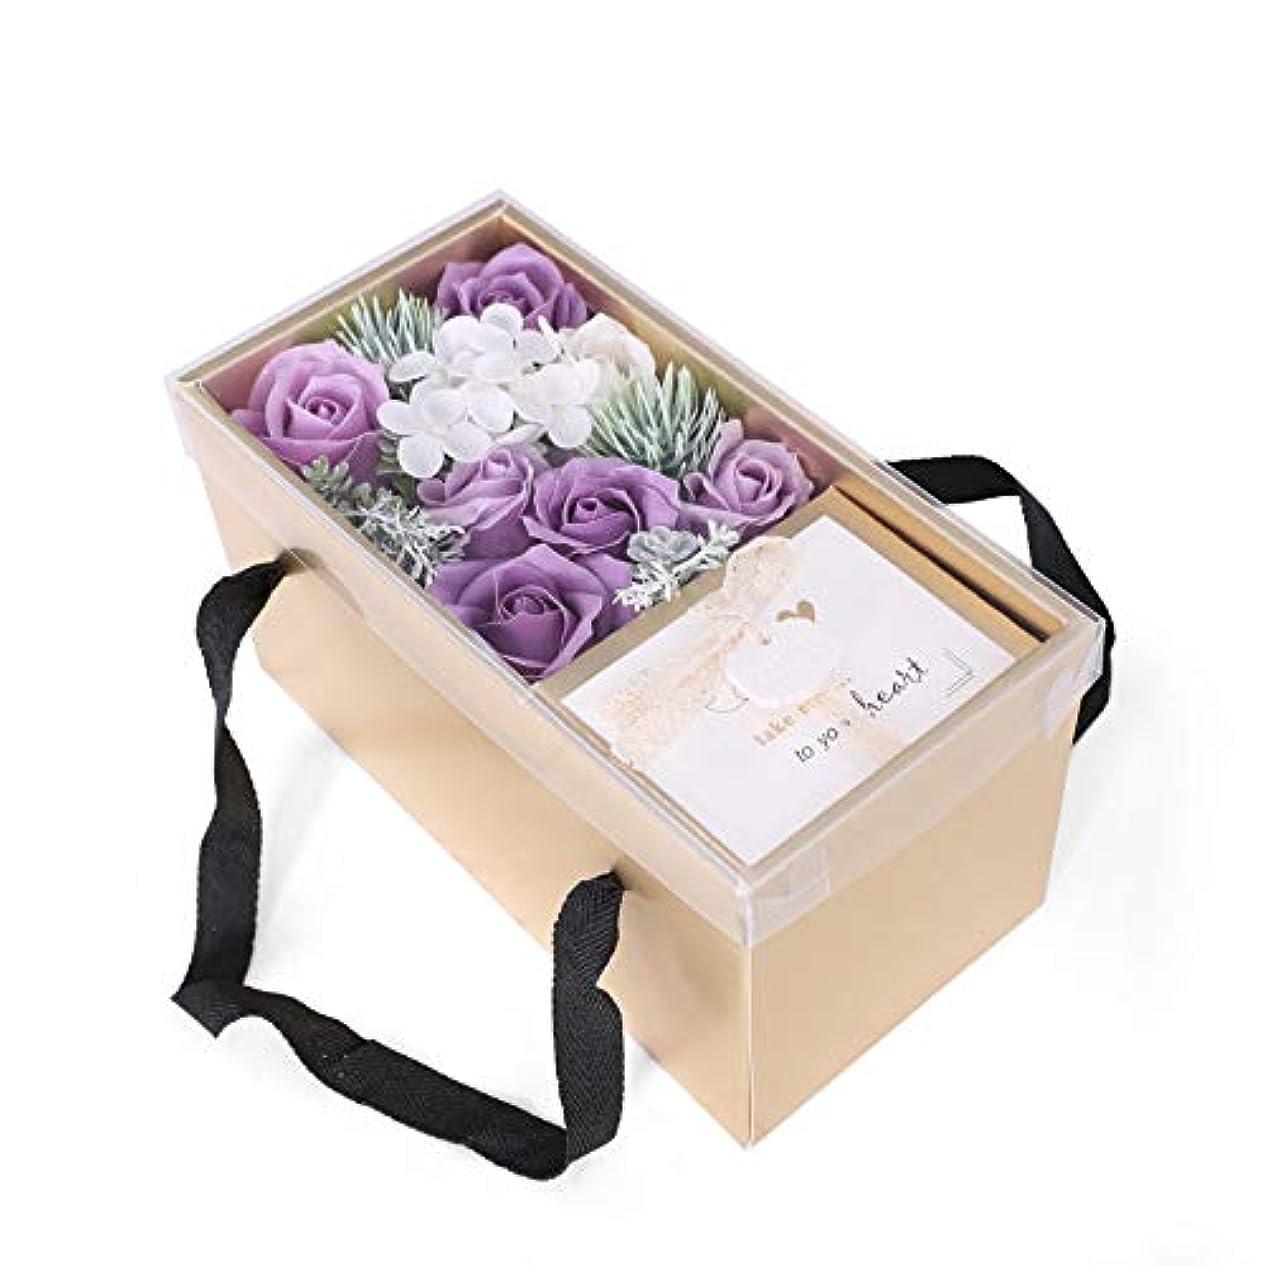 治療全滅させると組む生地と花石鹸の花 バスソープフラワーローズフラワーバレンタインデーのために必須ガールフレンド記念日誕生日母の日ポータブルギフトボックス (色 : 紫の)